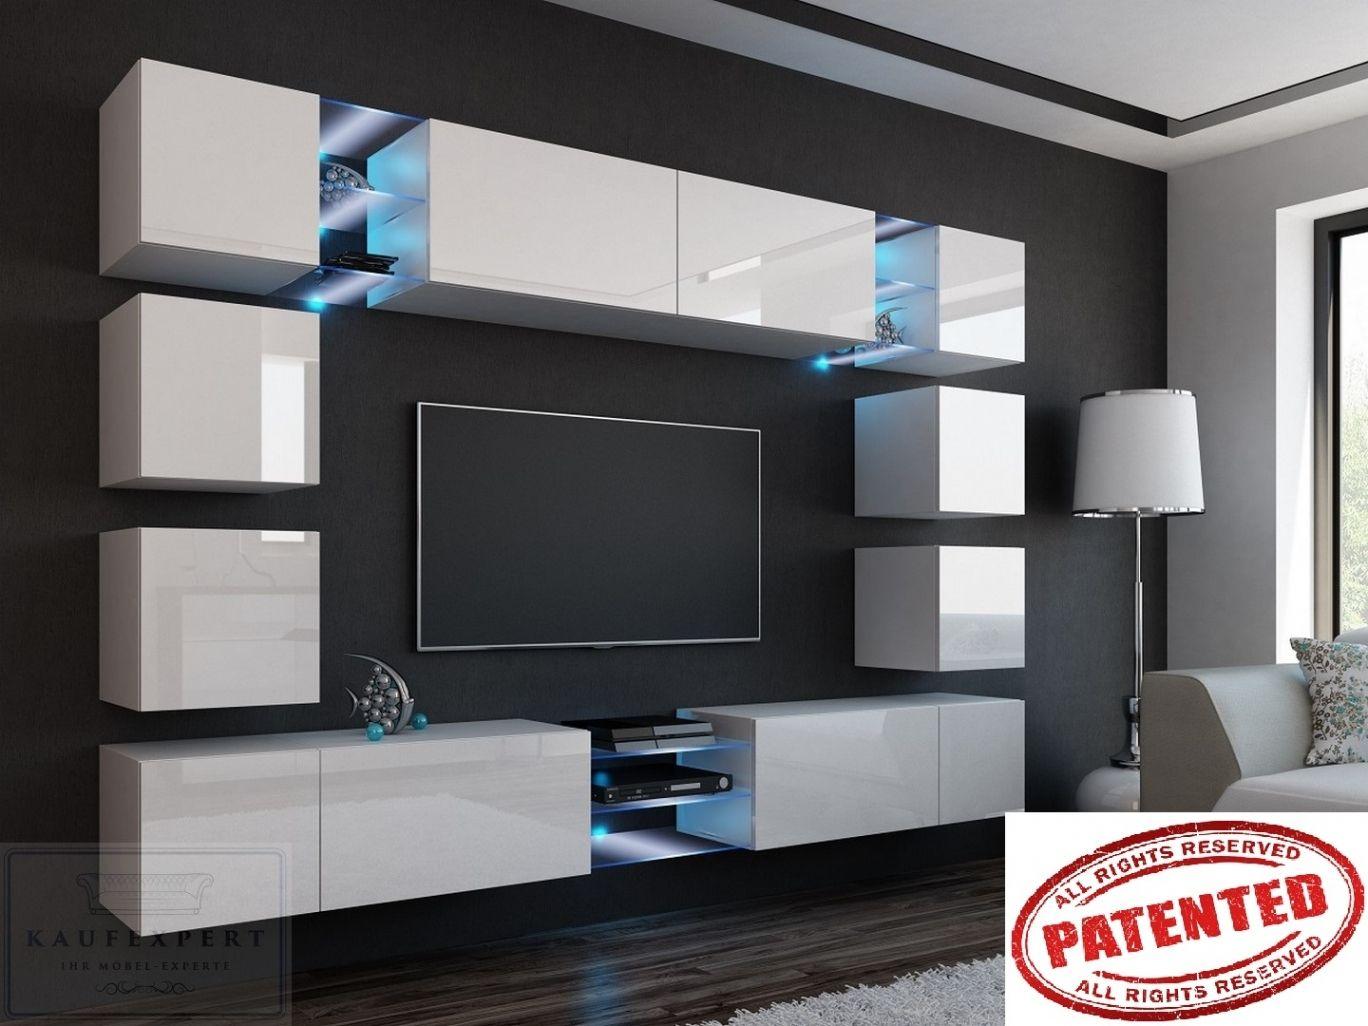 Neu Wohnwand Modern Ebay | Spruce | Pinterest | Wohnwand modern und ...